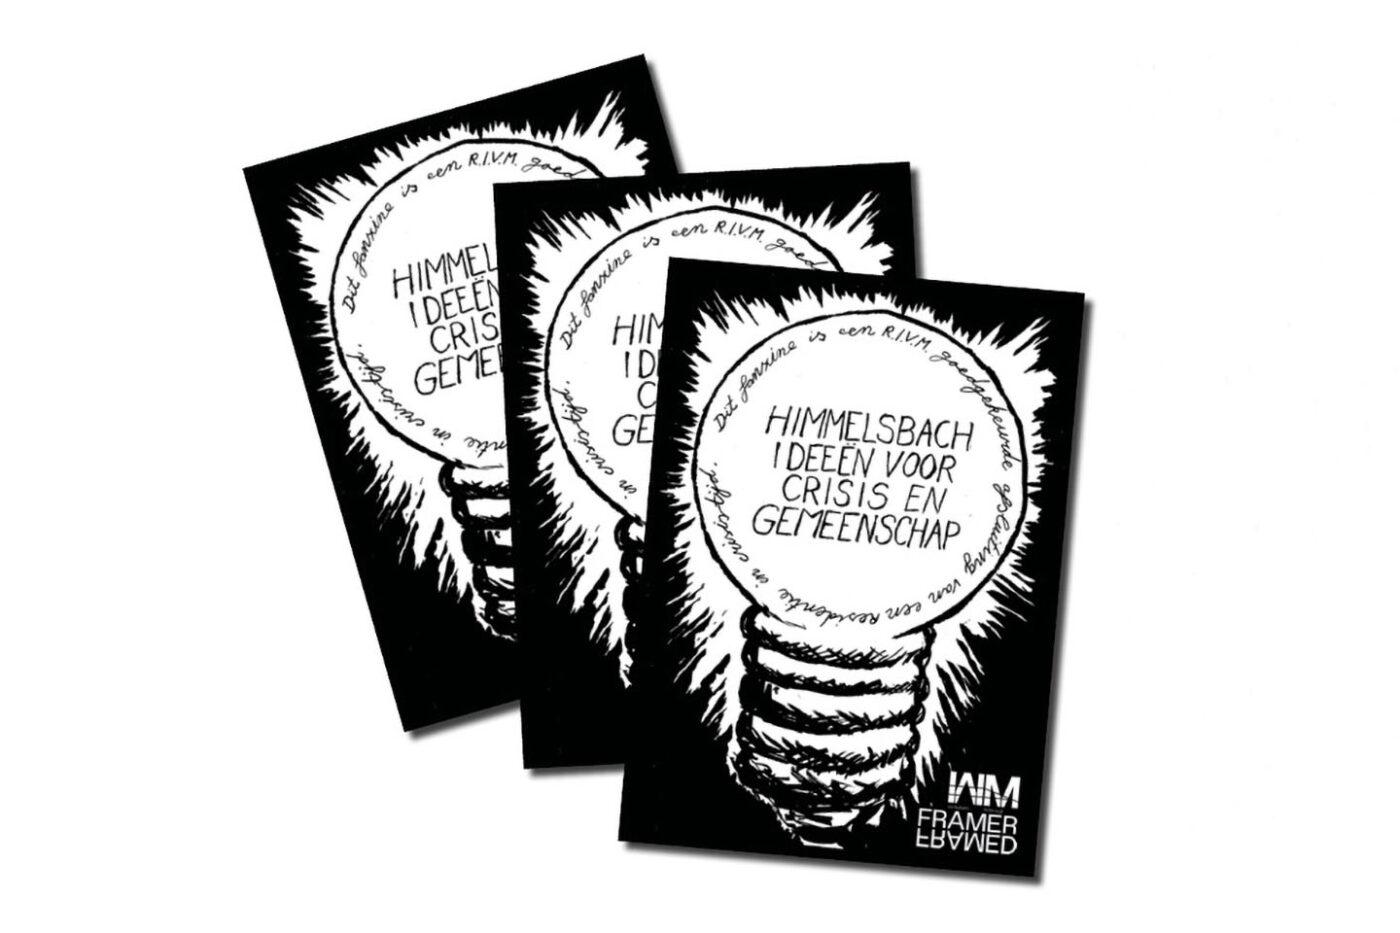 Fanzine, Domenique Himmelsbach de Vries - 1440x960